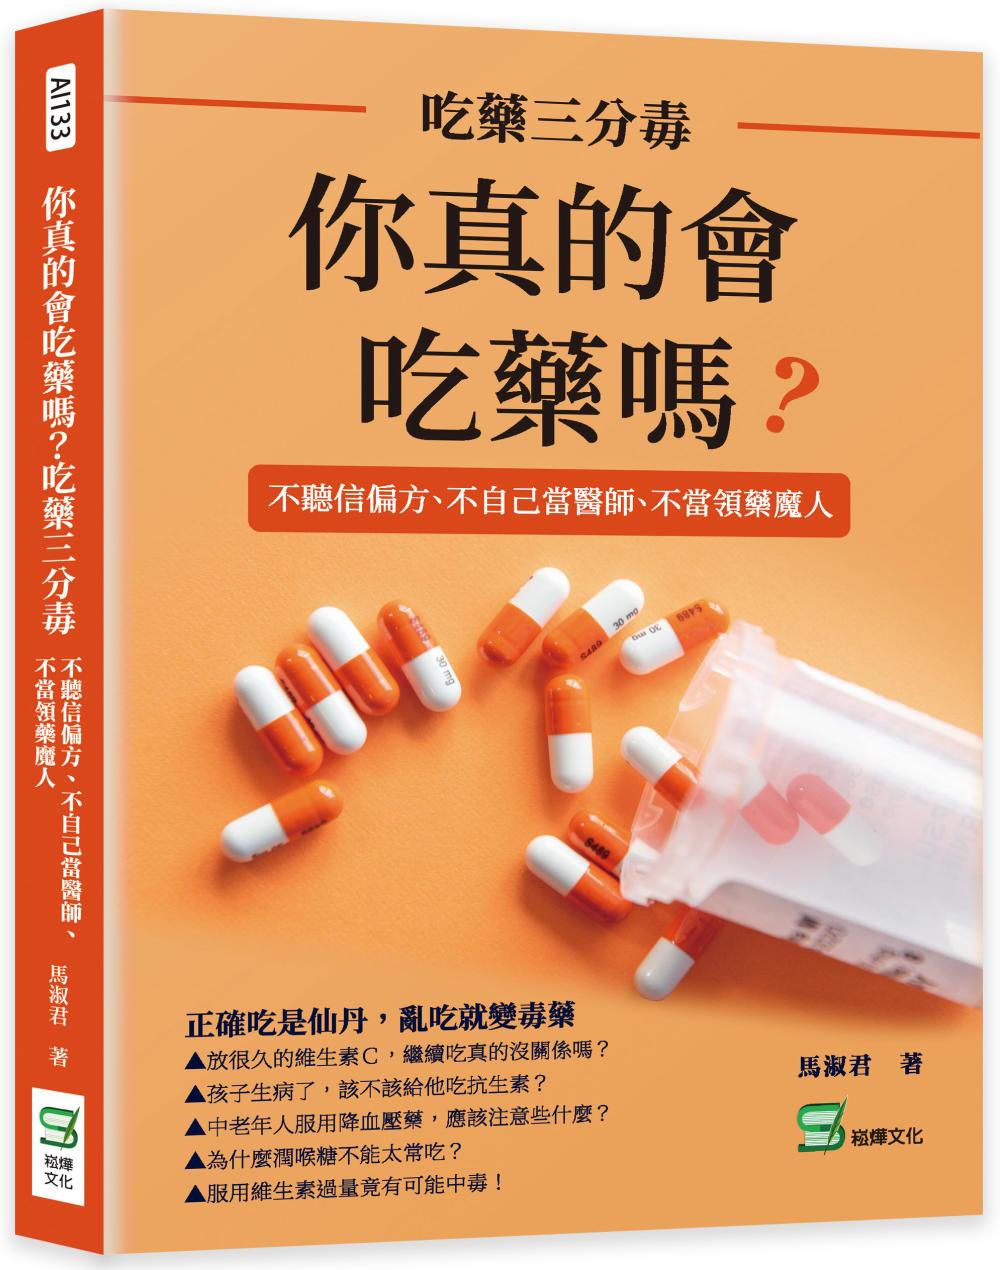 你真的會吃藥嗎?吃藥三分毒:不...